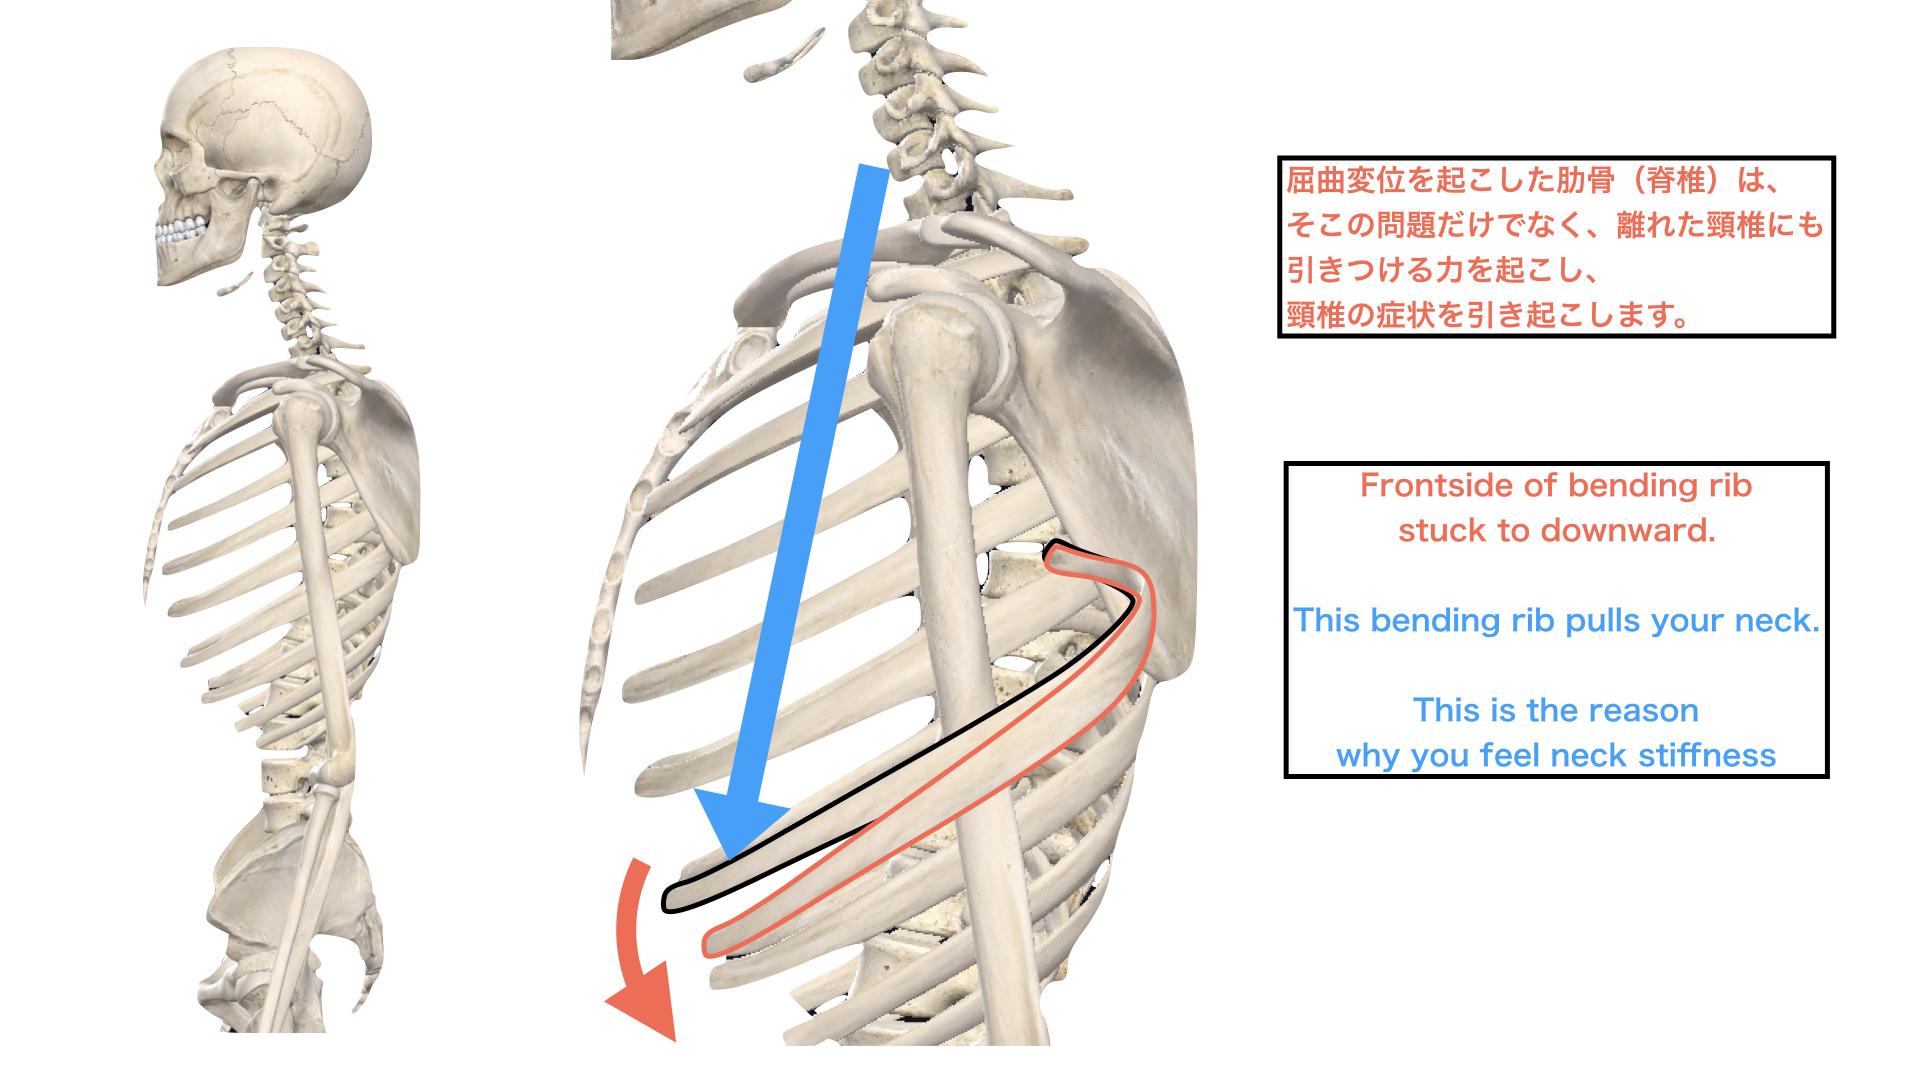 胸椎の屈曲による頚椎の緊張